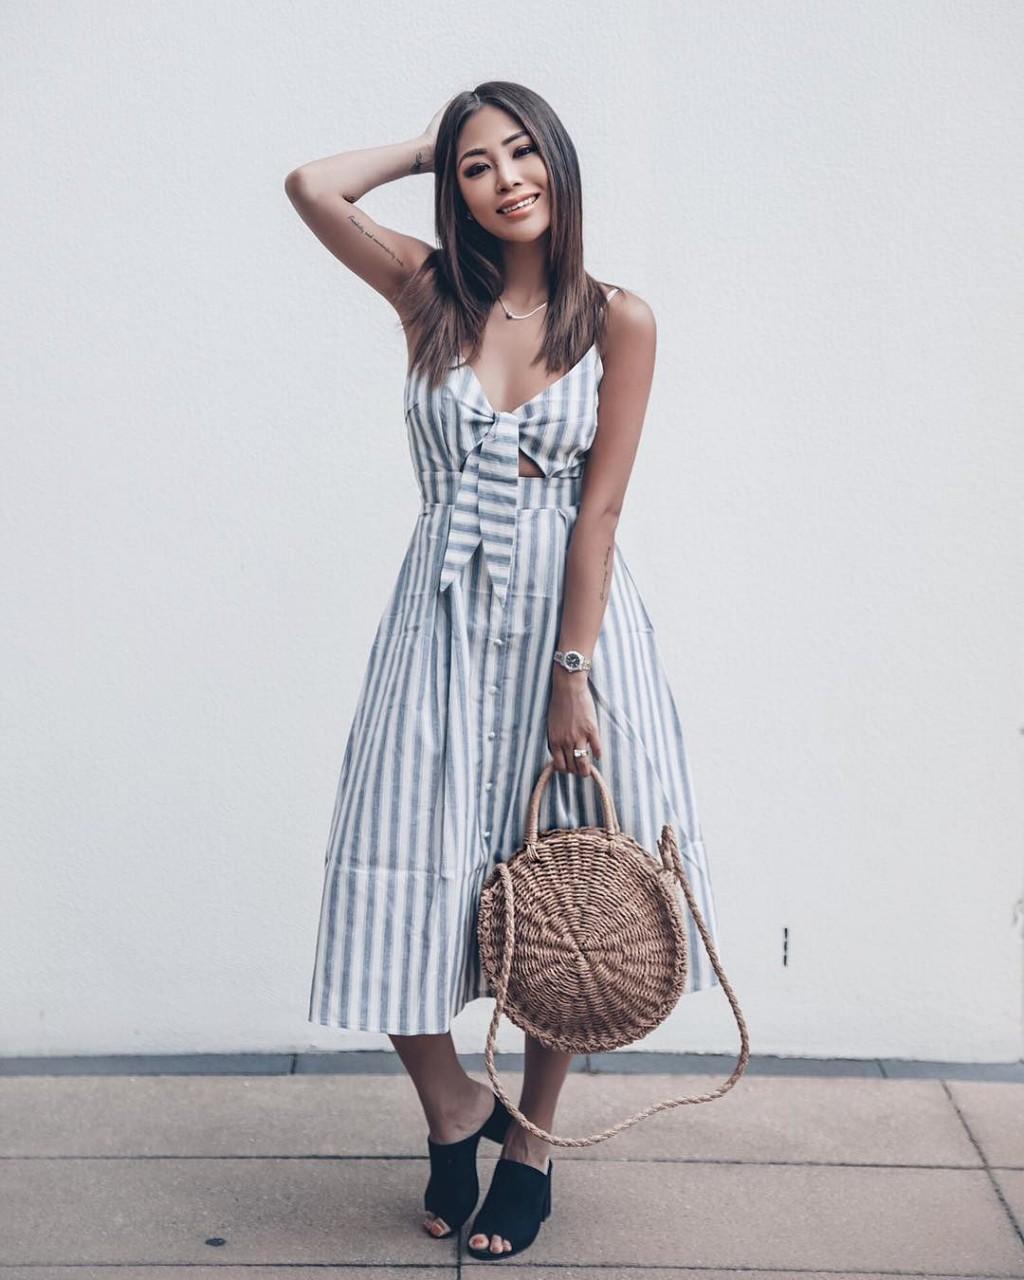 Мода весна-лето 2018 тенденции фото на каждый день